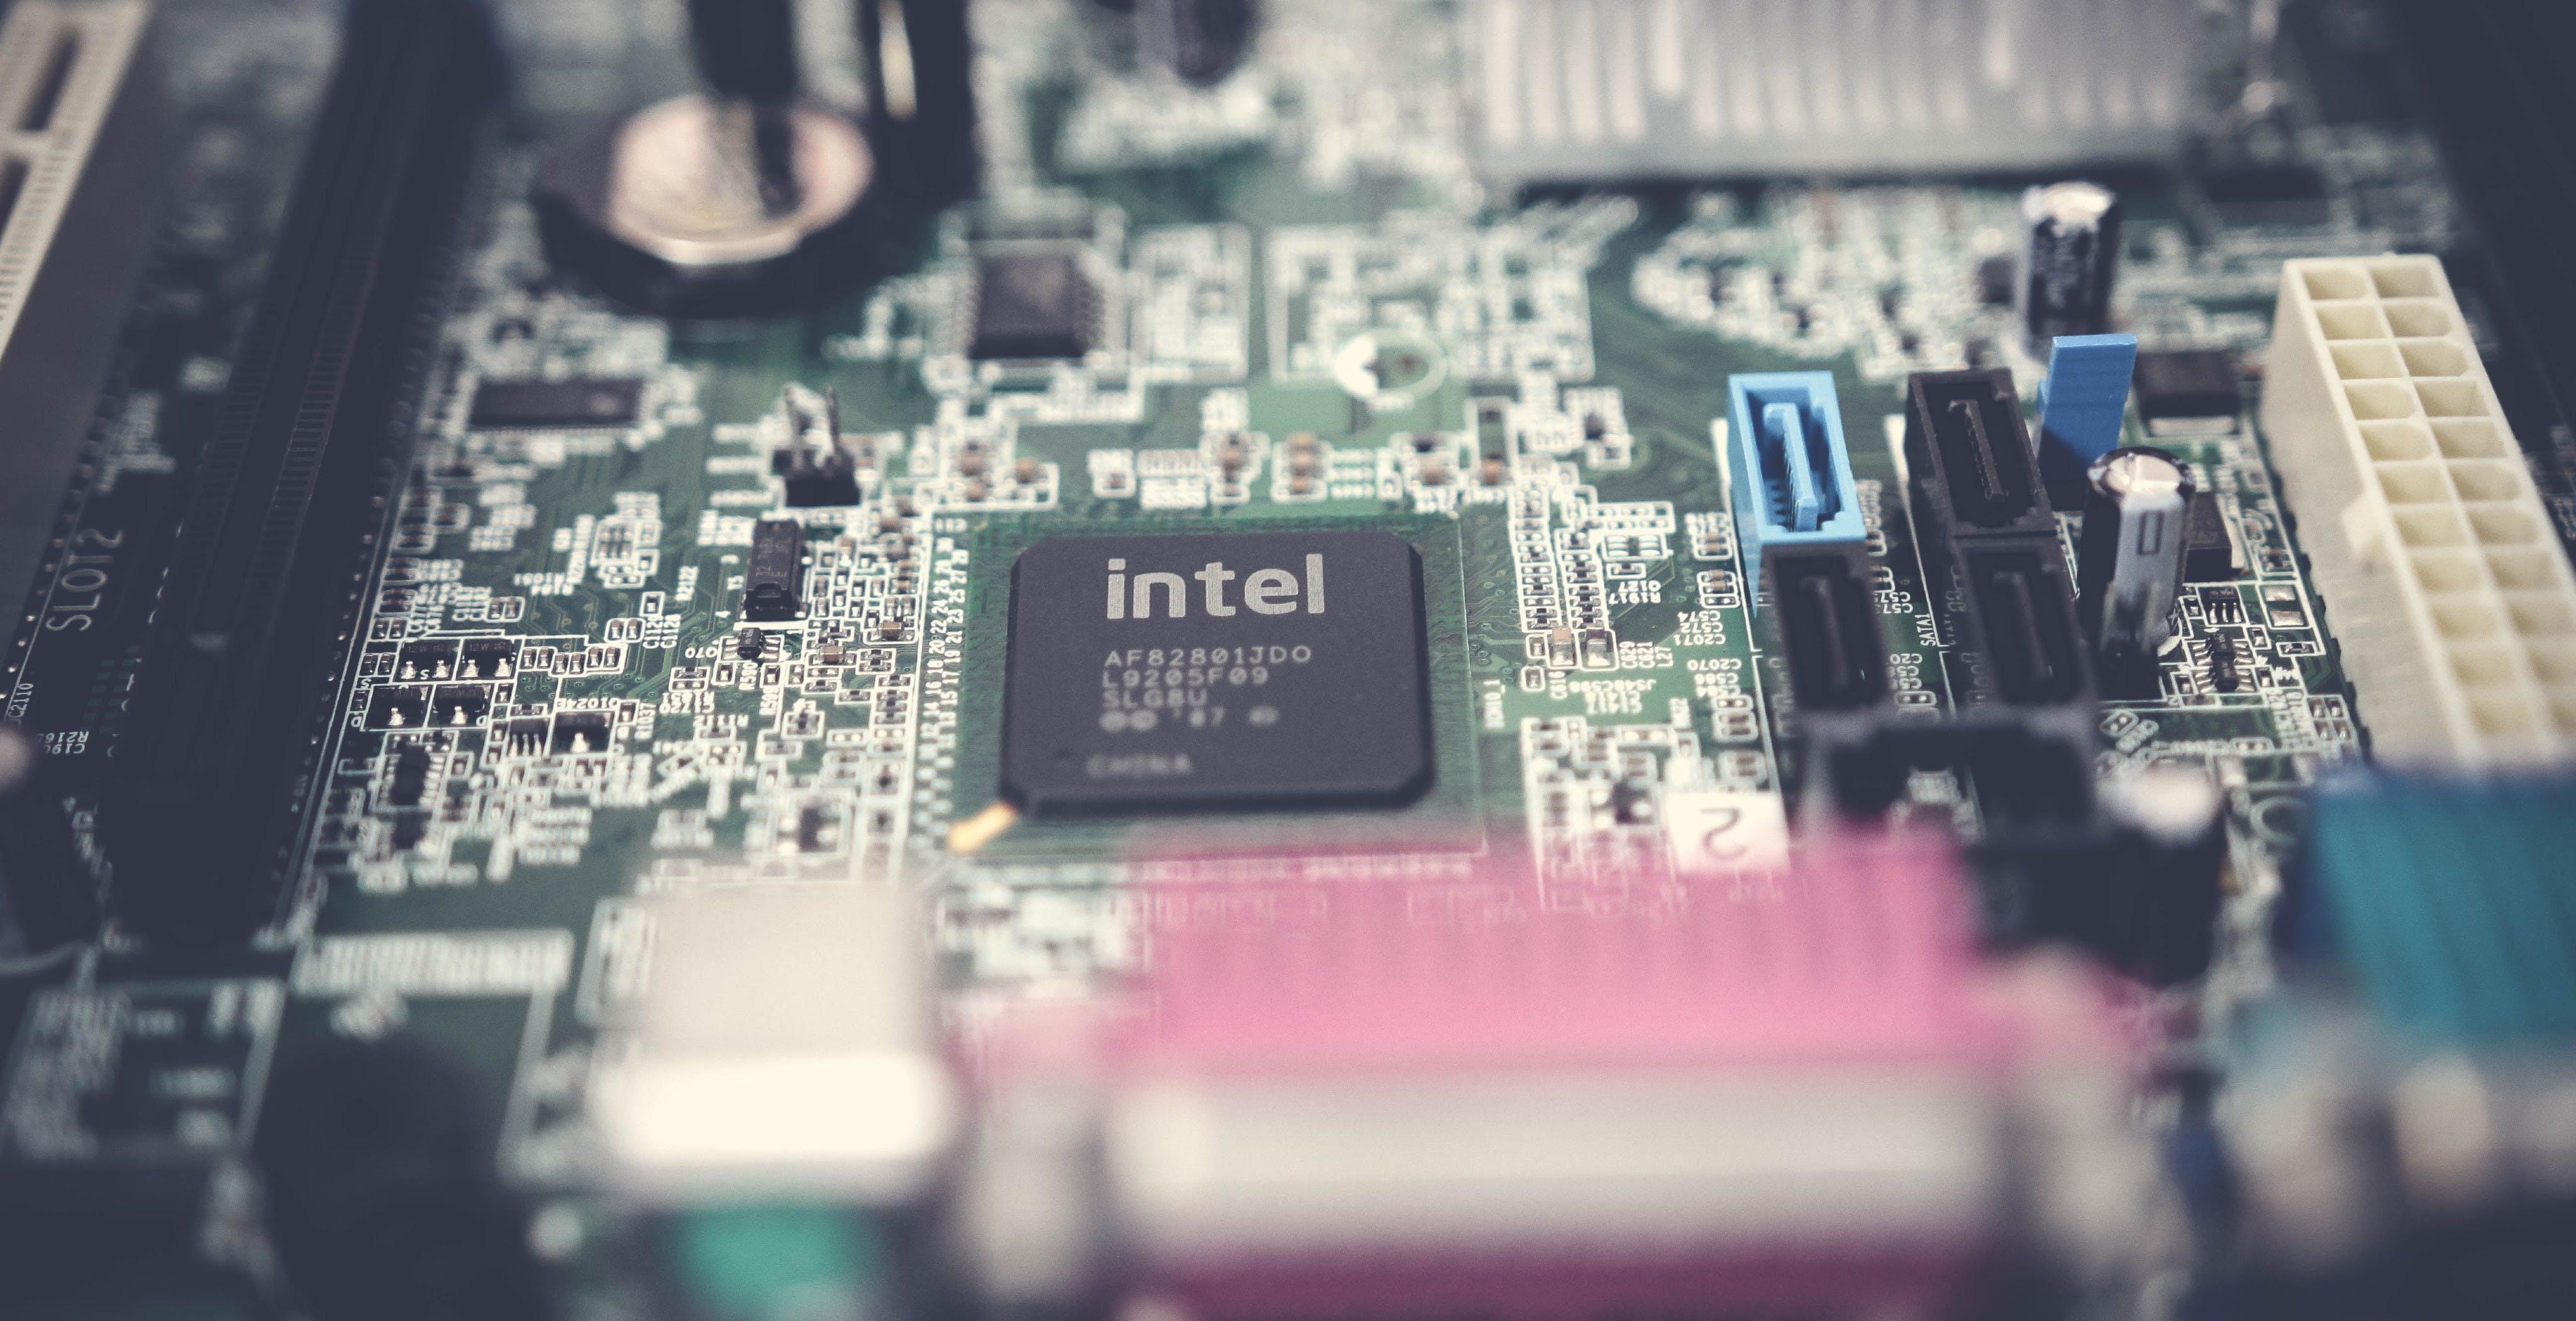 Intel conferma: i processori Rocket Lake arriveranno entro marzo 2021